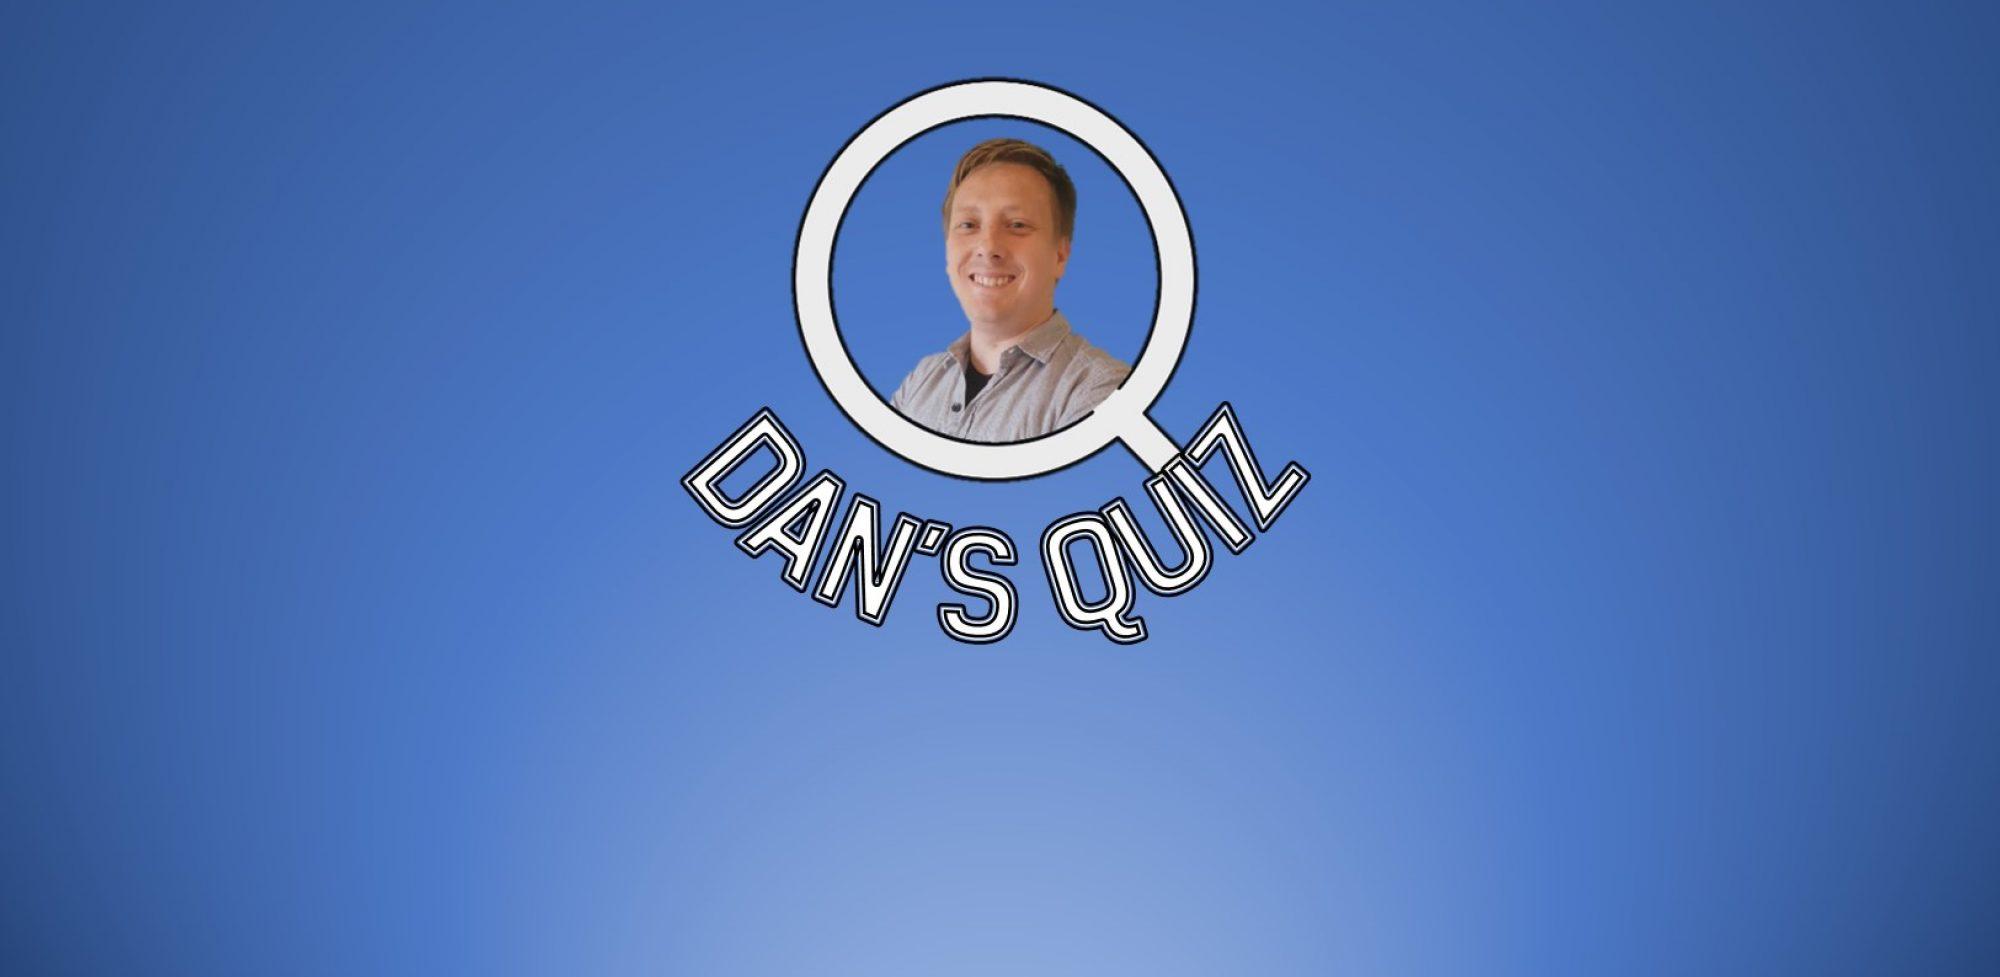 danielpeake.com